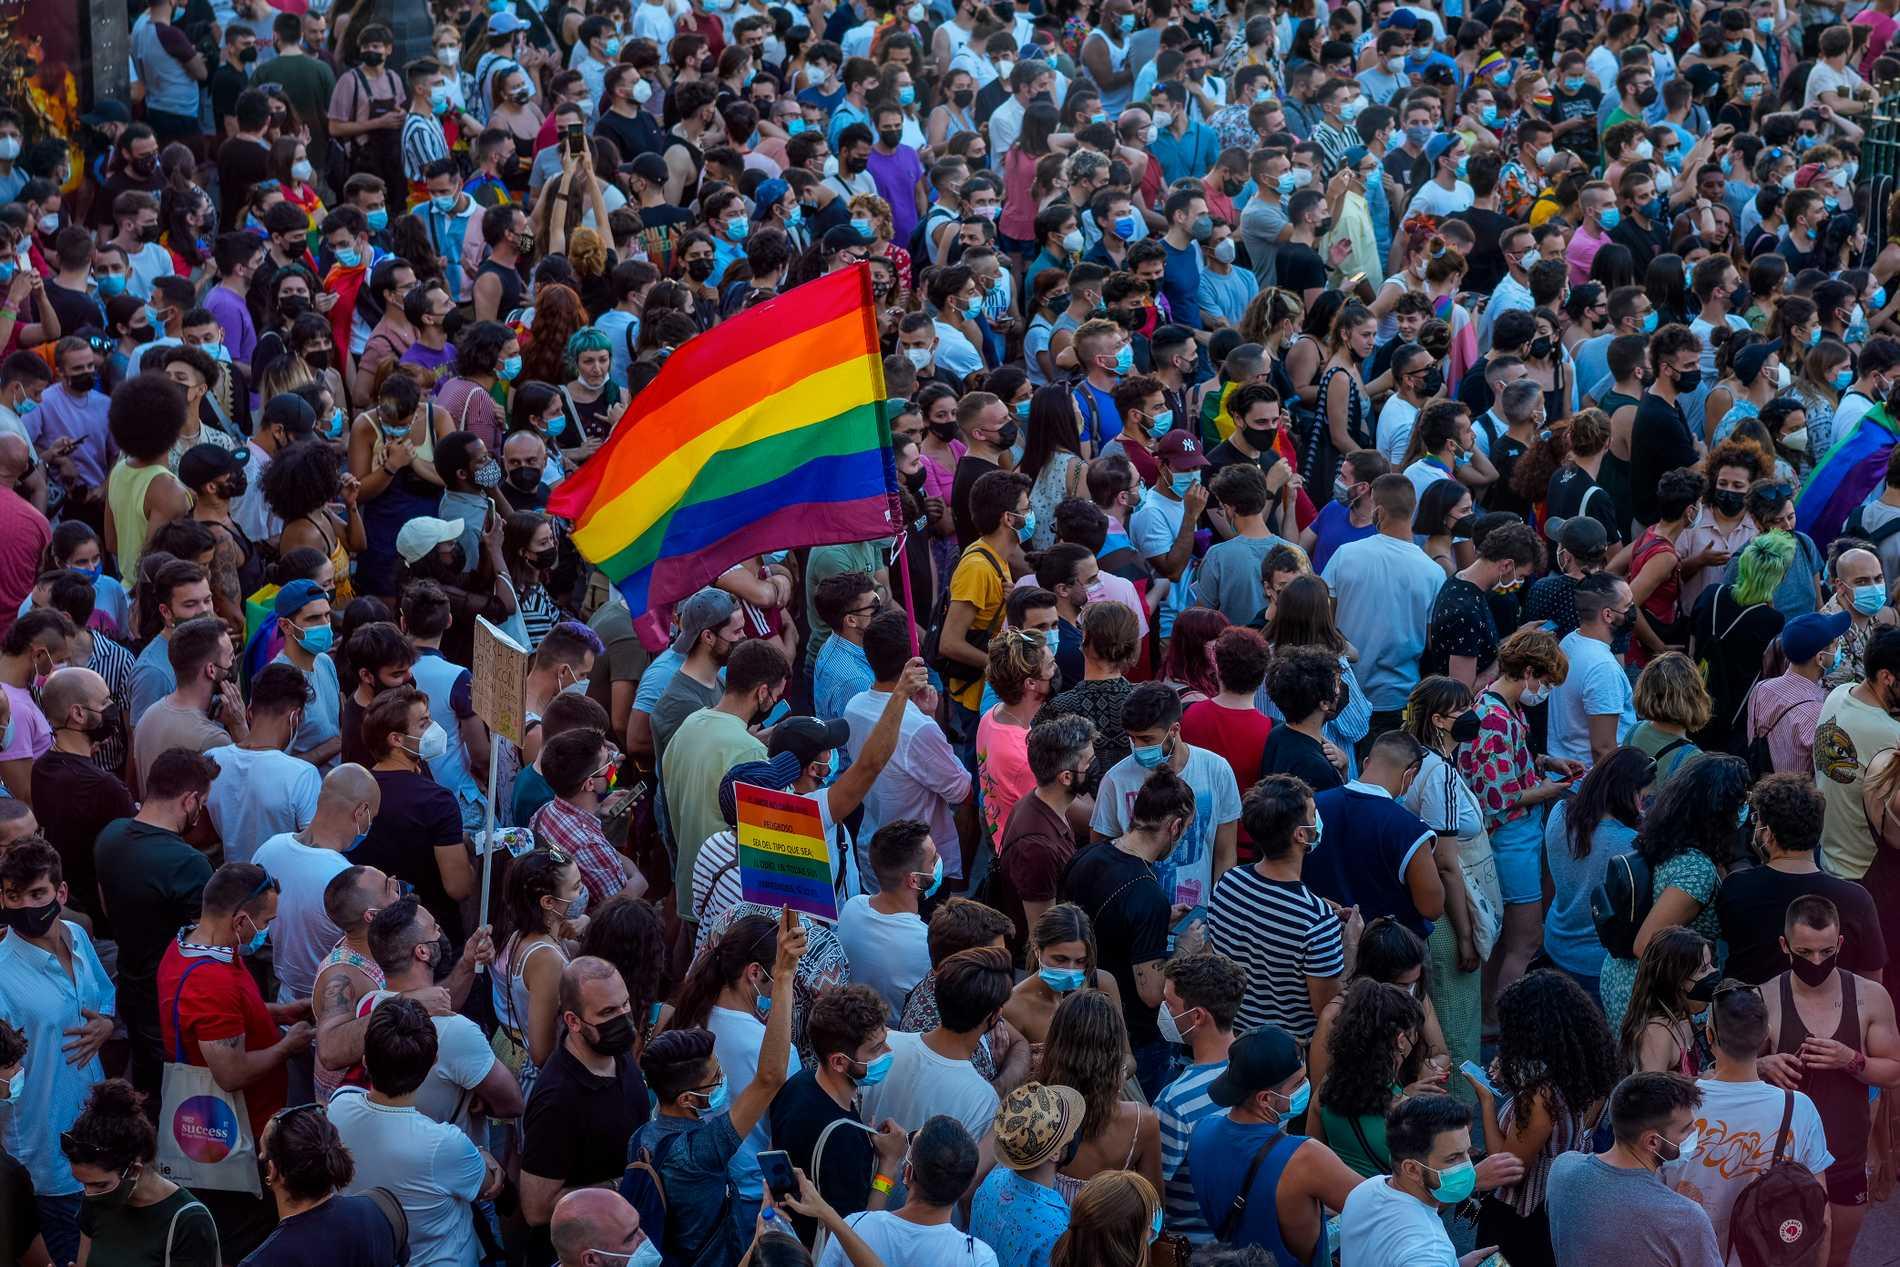 Stora demonstrationer anordnades på måndagen efter dödsmisshandeln. Bilden är tagen i Madrid.